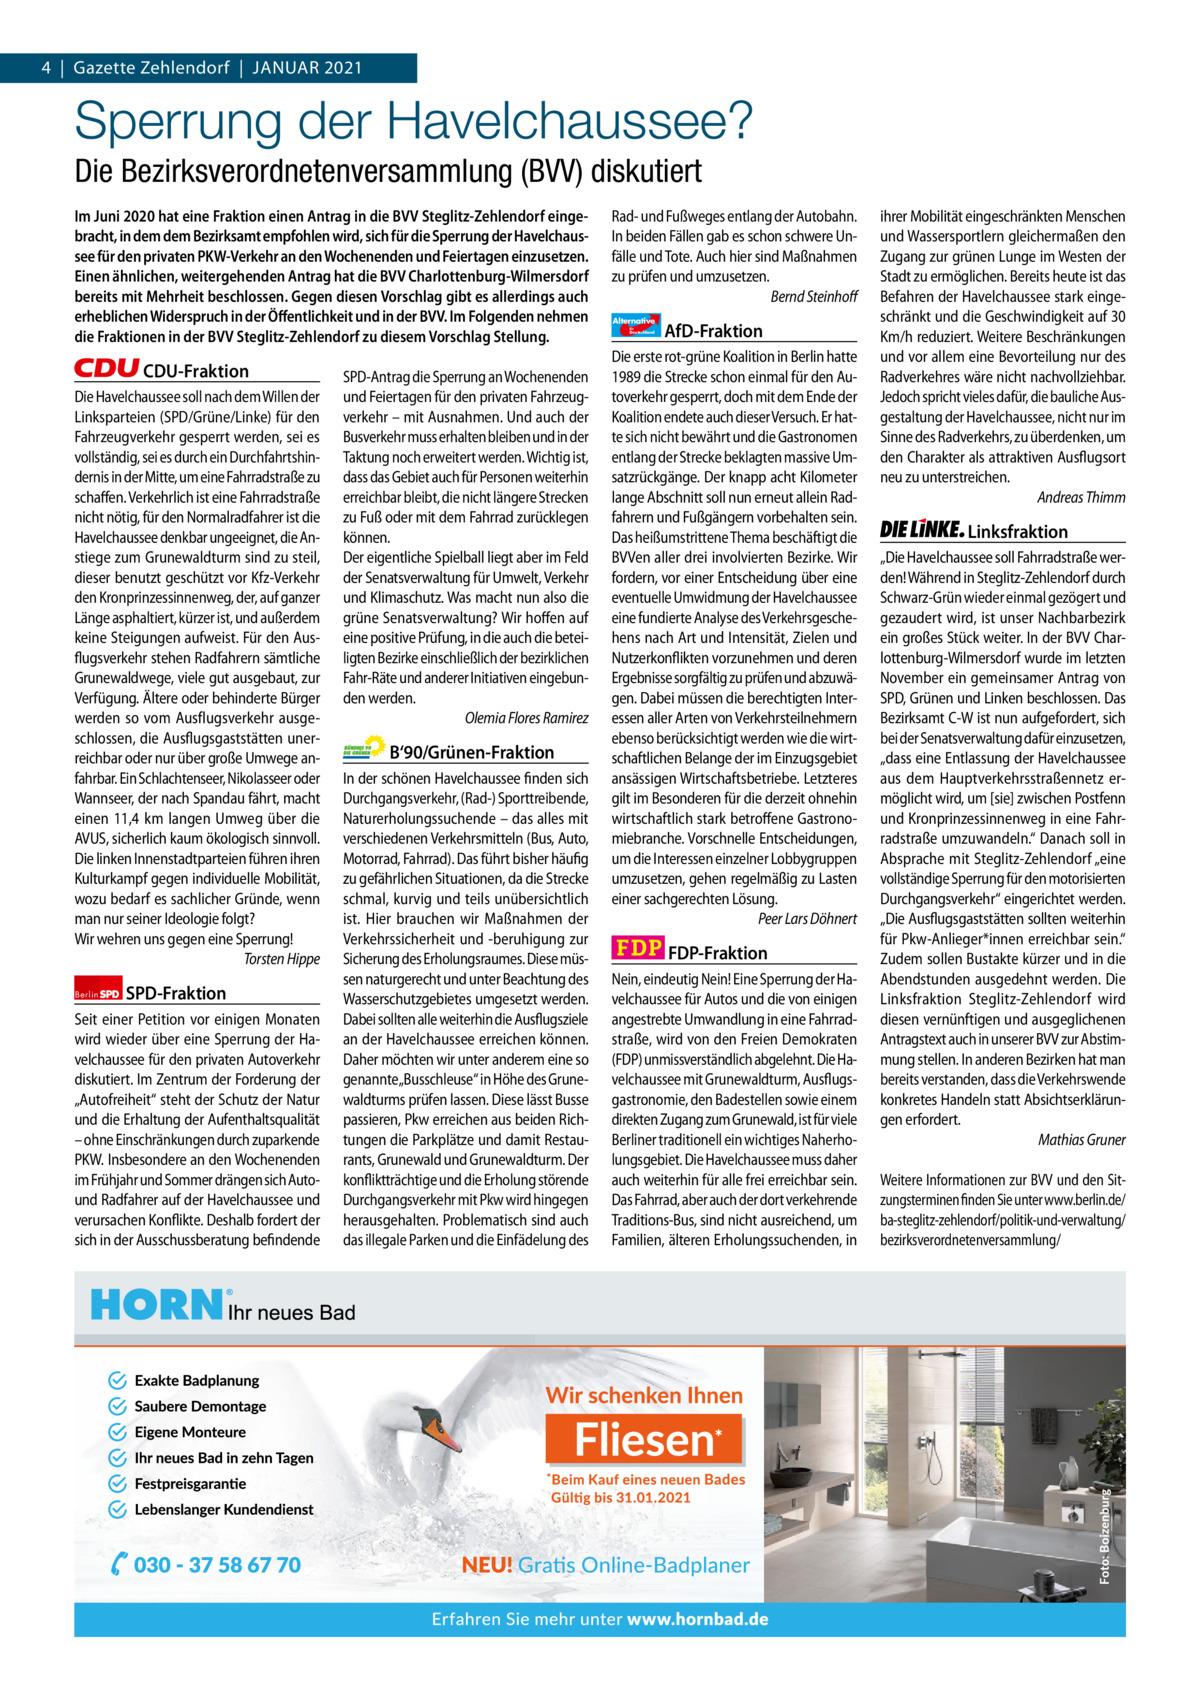 1 | Gazette Zehlendorf 4|Gazette Zehlendorf|JANUAR | JANUAR 2021 2021  Sperrung der Havelchaussee? Die Bezirksverordnetenversammlung (BVV) diskutiert Im Juni 2020 hat eine Fraktion einen Antrag in die BVV Steglitz-Zehlendorf eingebracht, in dem dem Bezirksamt empfohlen wird, sich für die Sperrung der Havelchaussee für den privaten PKW-Verkehr an den Wochenenden und Feiertagen einzusetzen. Einen ähnlichen, weitergehenden Antrag hat die BVV Charlottenburg-Wilmersdorf bereits mit Mehrheit beschlossen. Gegen diesen Vorschlag gibt es allerdings auch erheblichen Widerspruch in der Öffentlichkeit und in der BVV. Im Folgenden nehmen die Fraktionen in der BVV Steglitz-Zehlendorf zu diesem Vorschlag Stellung.  CDU-Fraktion Die Havelchaussee soll nach dem Willen der Linksparteien (SPD/Grüne/Linke) für den Fahrzeugverkehr gesperrt werden, sei es vollständig, sei es durch ein Durchfahrtshindernis in der Mitte, um eine Fahrradstraße zu schaffen. Verkehrlich ist eine Fahrradstraße nicht nötig, für den Normalradfahrer ist die Havelchaussee denkbar ungeeignet, die Anstiege zum Grunewaldturm sind zu steil, dieser benutzt geschützt vor Kfz-Verkehr den Kronprinzessinnenweg, der, auf ganzer Länge asphaltiert, kürzer ist, und außerdem keine Steigungen aufweist. Für den Ausflugsverkehr stehen Radfahrern sämtliche Grunewaldwege, viele gut ausgebaut, zur Verfügung. Ältere oder behinderte Bürger werden so vom Ausflugsverkehr ausgeschlossen, die Ausflugsgaststätten unerreichbar oder nur über große Umwege anfahrbar. Ein Schlachtenseer, Nikolasseer oder Wannseer, der nach Spandau fährt, macht einen 11,4 km langen Umweg über die AVUS, sicherlich kaum ökologisch sinnvoll. Die linken Innenstadtparteien führen ihren Kulturkampf gegen individuelle Mobilität, wozu bedarf es sachlicher Gründe, wenn man nur seiner Ideologie folgt? Wir wehren uns gegen eine Sperrung! Torsten Hippe Berlin  SPD-Fraktion  Seit einer Petition vor einigen Monaten wird wieder über eine Sperrung der Havelchaussee für den priva